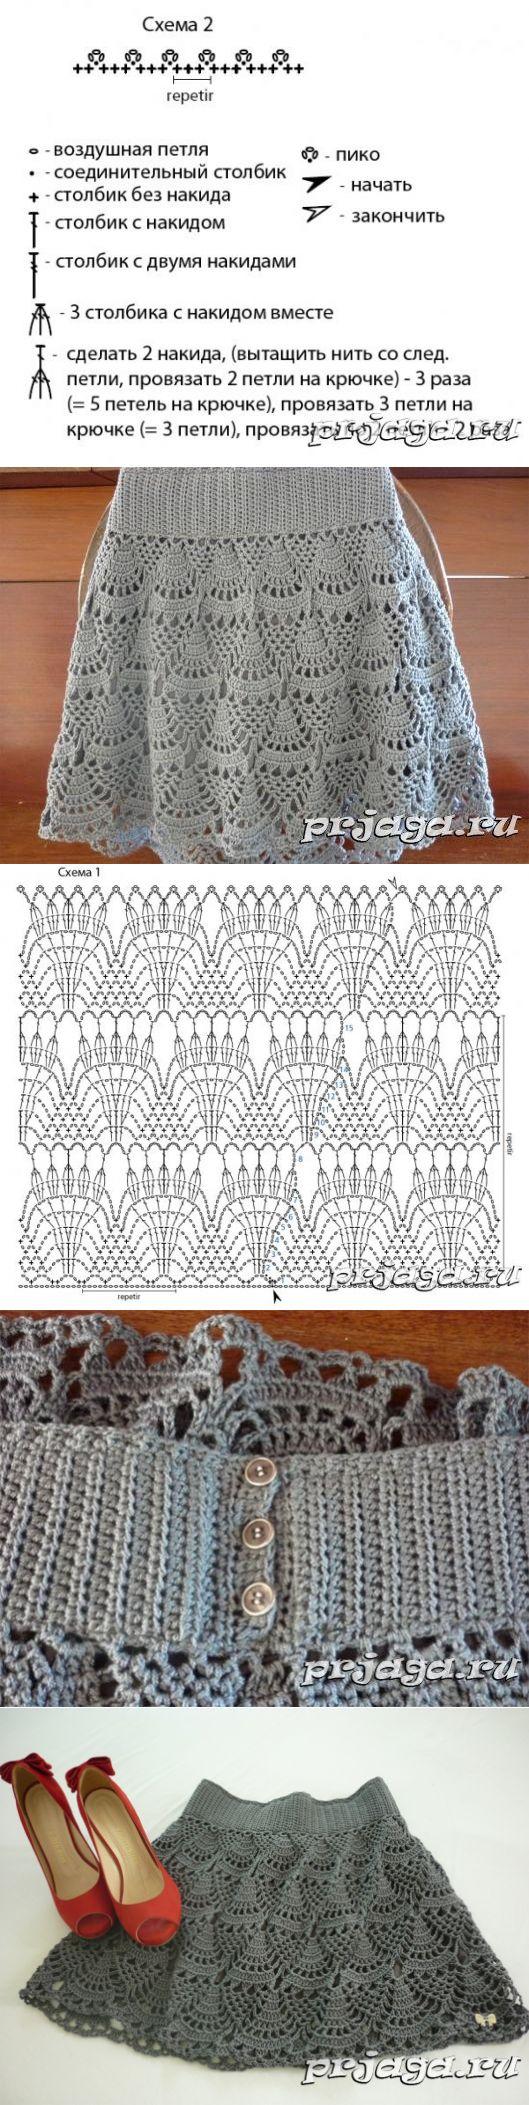 464 best Crochet images on Pinterest | Knit crochet, Crochet toys ...